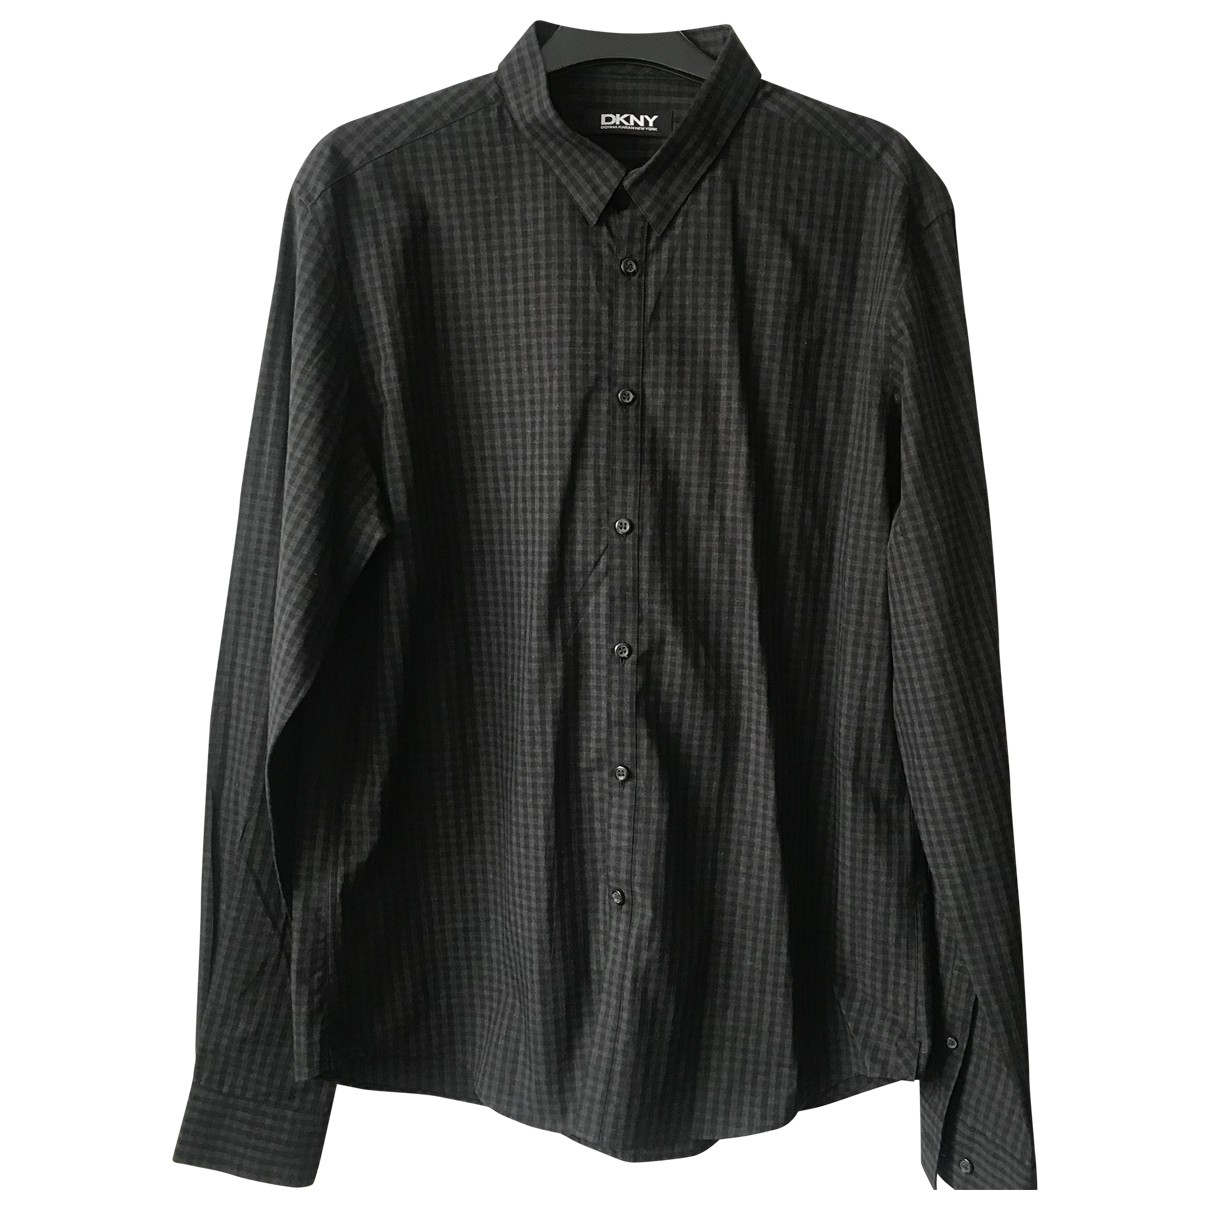 Dkny \N Hemden in  Schwarz Baumwolle